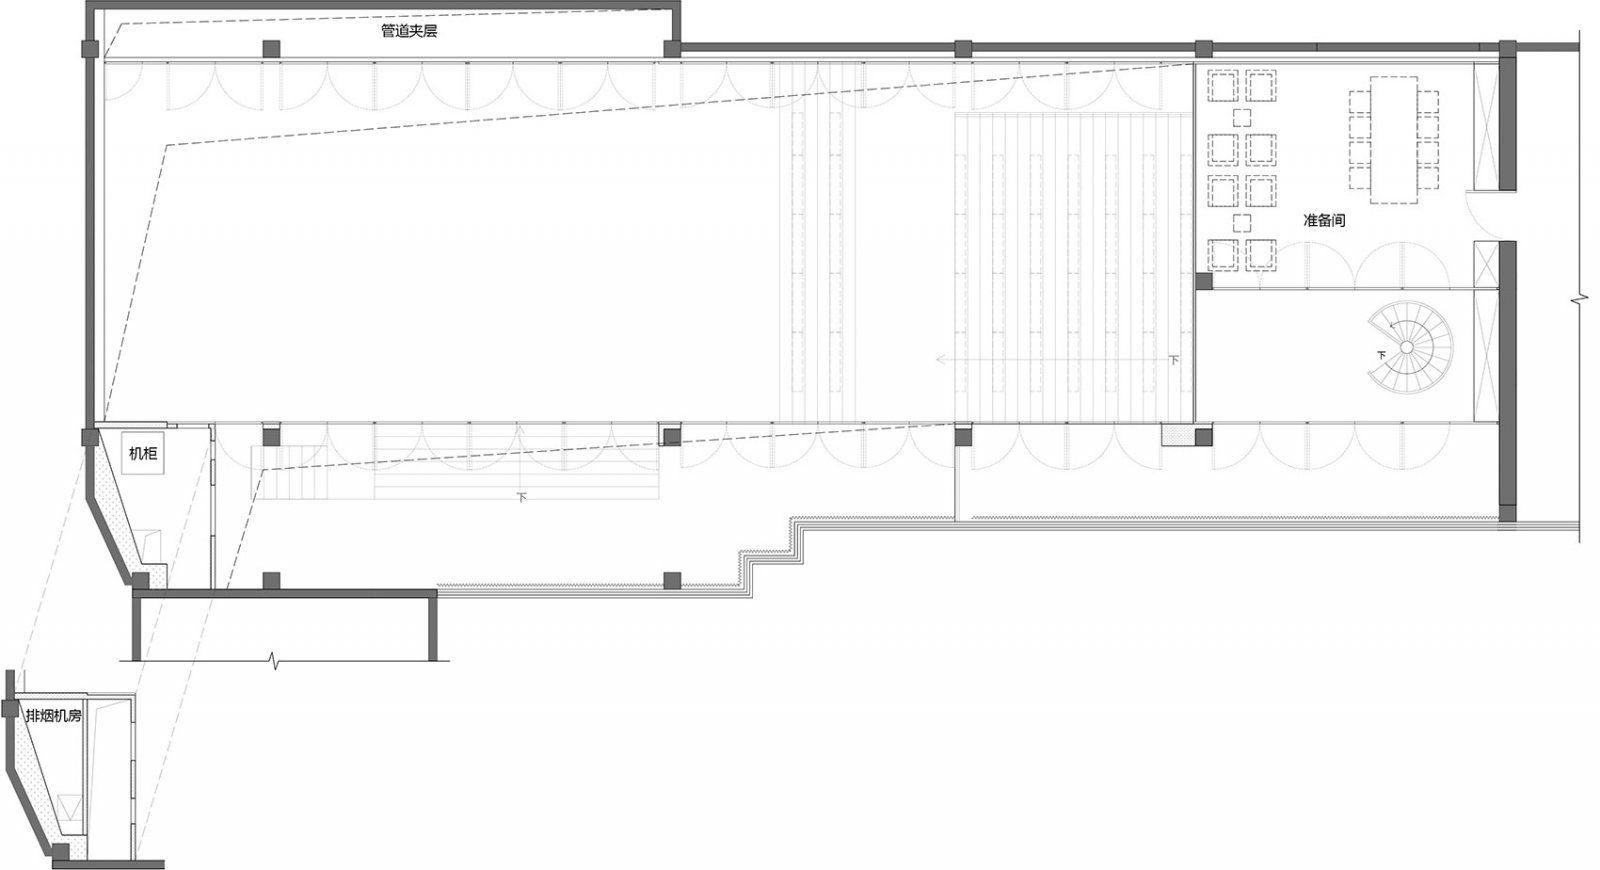 北京一零空间未来厅 | 空间站建筑师事务所